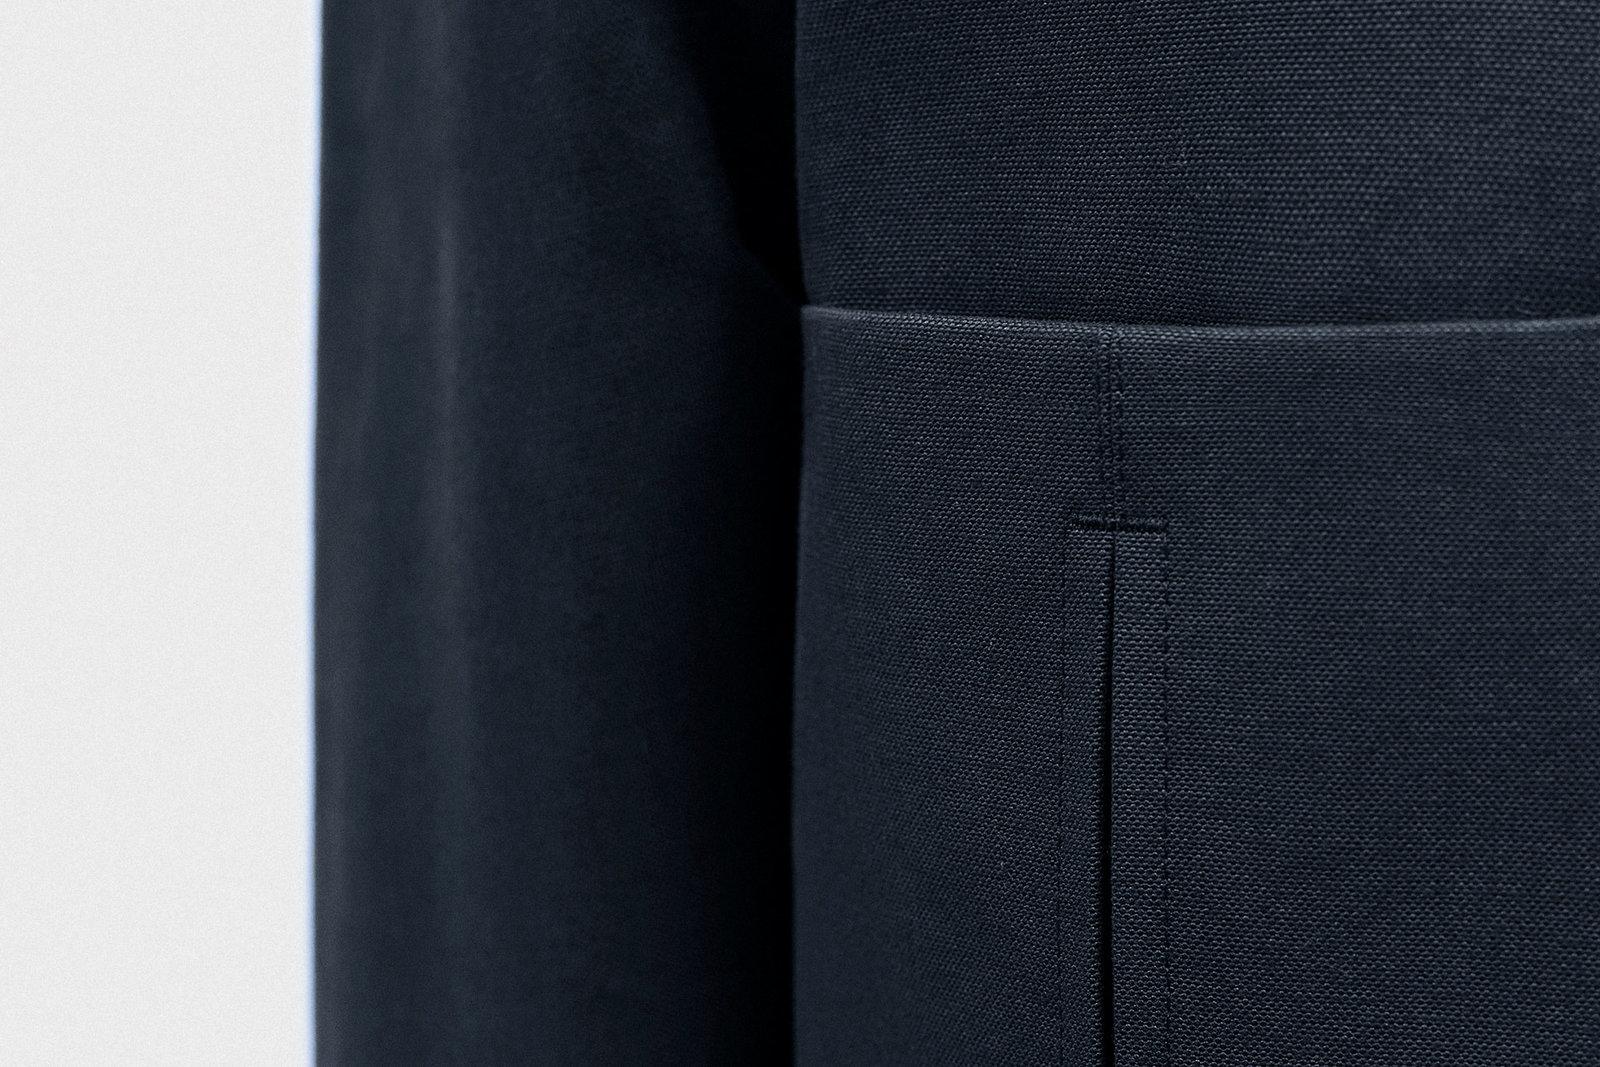 engineer-jacket-cotton-canvas-dark-navy-4@2x.jpg